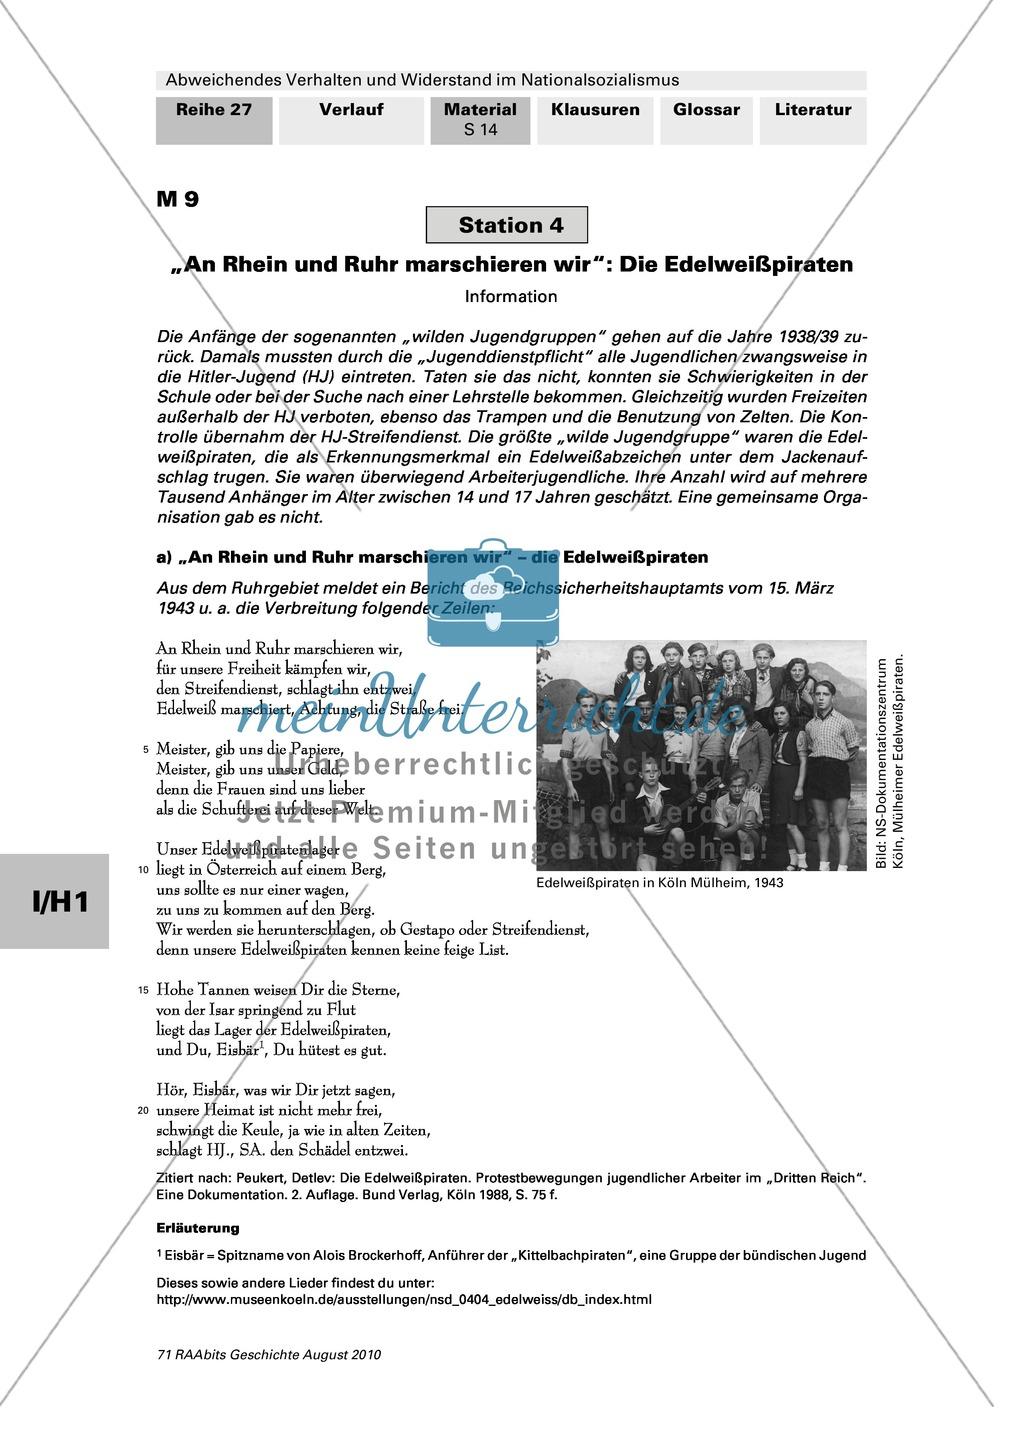 Abweichendes Verhalten und Widerstand im Nationalsozialismus: Die Edelweißpiraten Preview 1